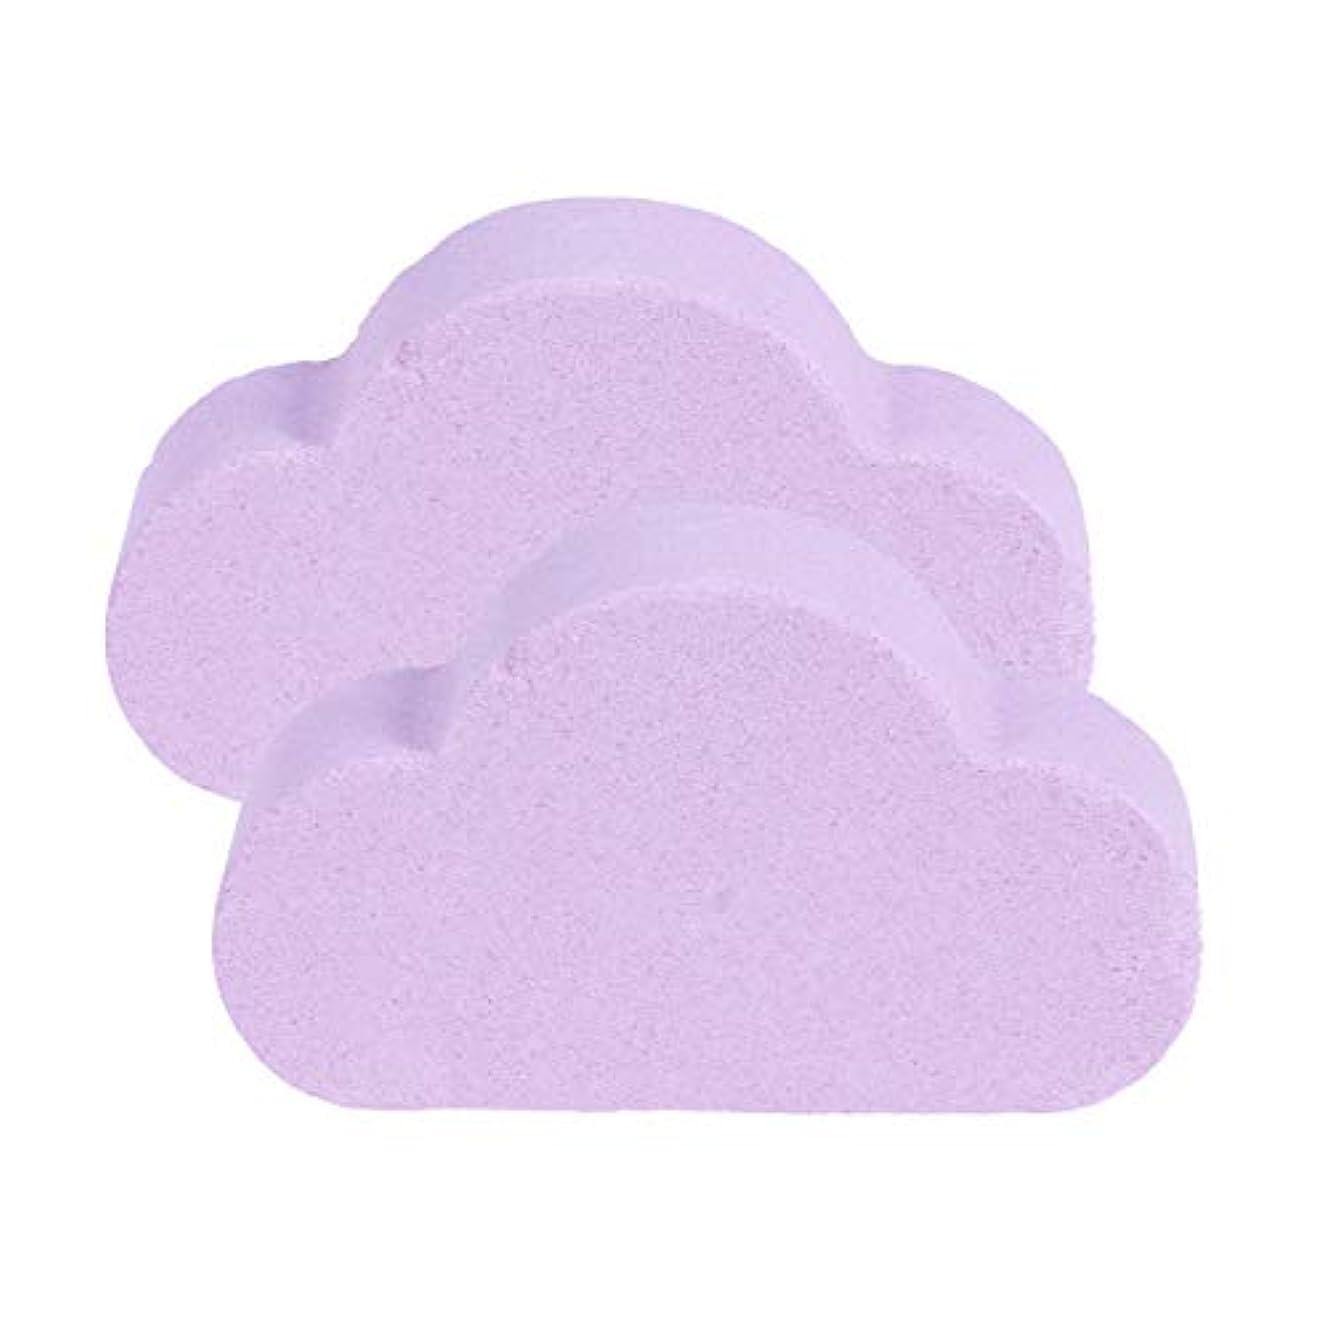 聖歌デマンド役割SUPVOX 2ピース風呂爆弾エッセンシャルオイルクラウド形状塩バブル家庭用スキンケア風呂用品用バブルスパ風呂ギフト